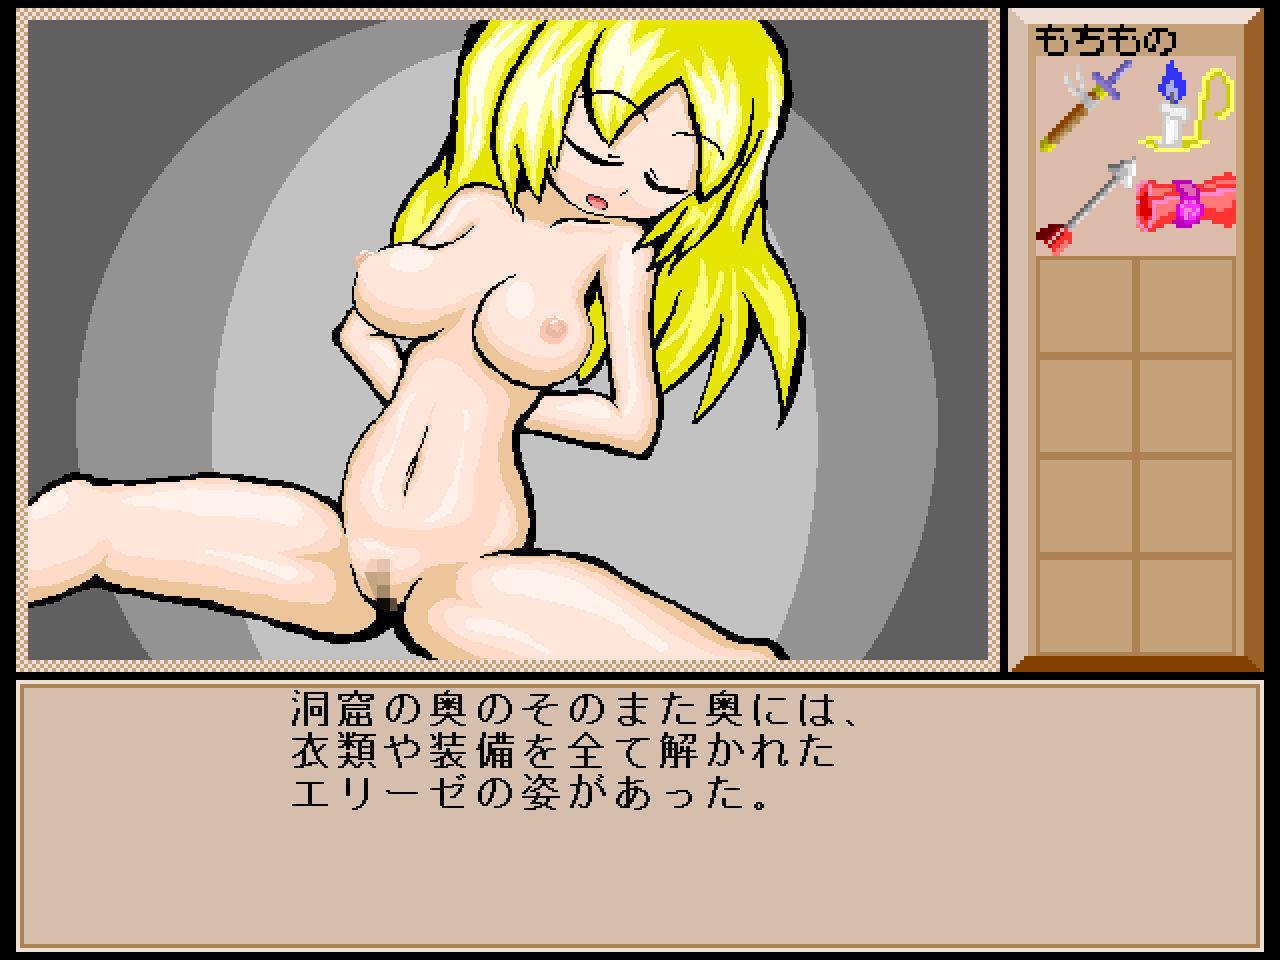 サンプル画像4:SORCERESS GATE 〜ソーサレスゲート〜(KuroCat) [d_176326]